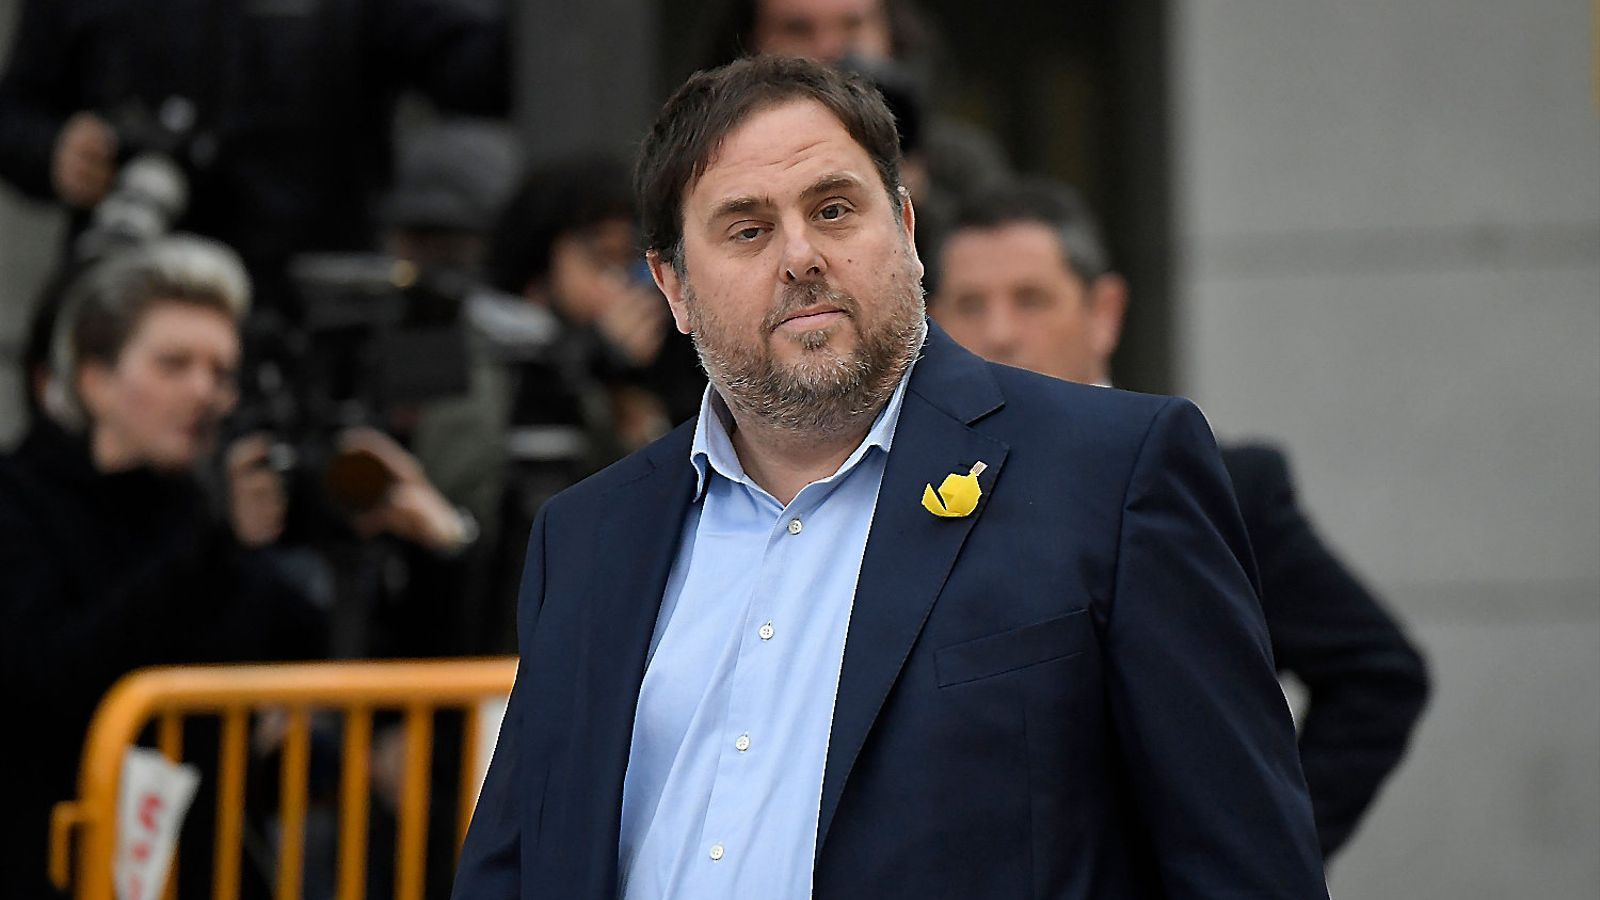 El vicepresident del Govern, Oriol Junqueras, el dia 2 de novembre abans d'entrar a declarar a l'Audiència Nacional.